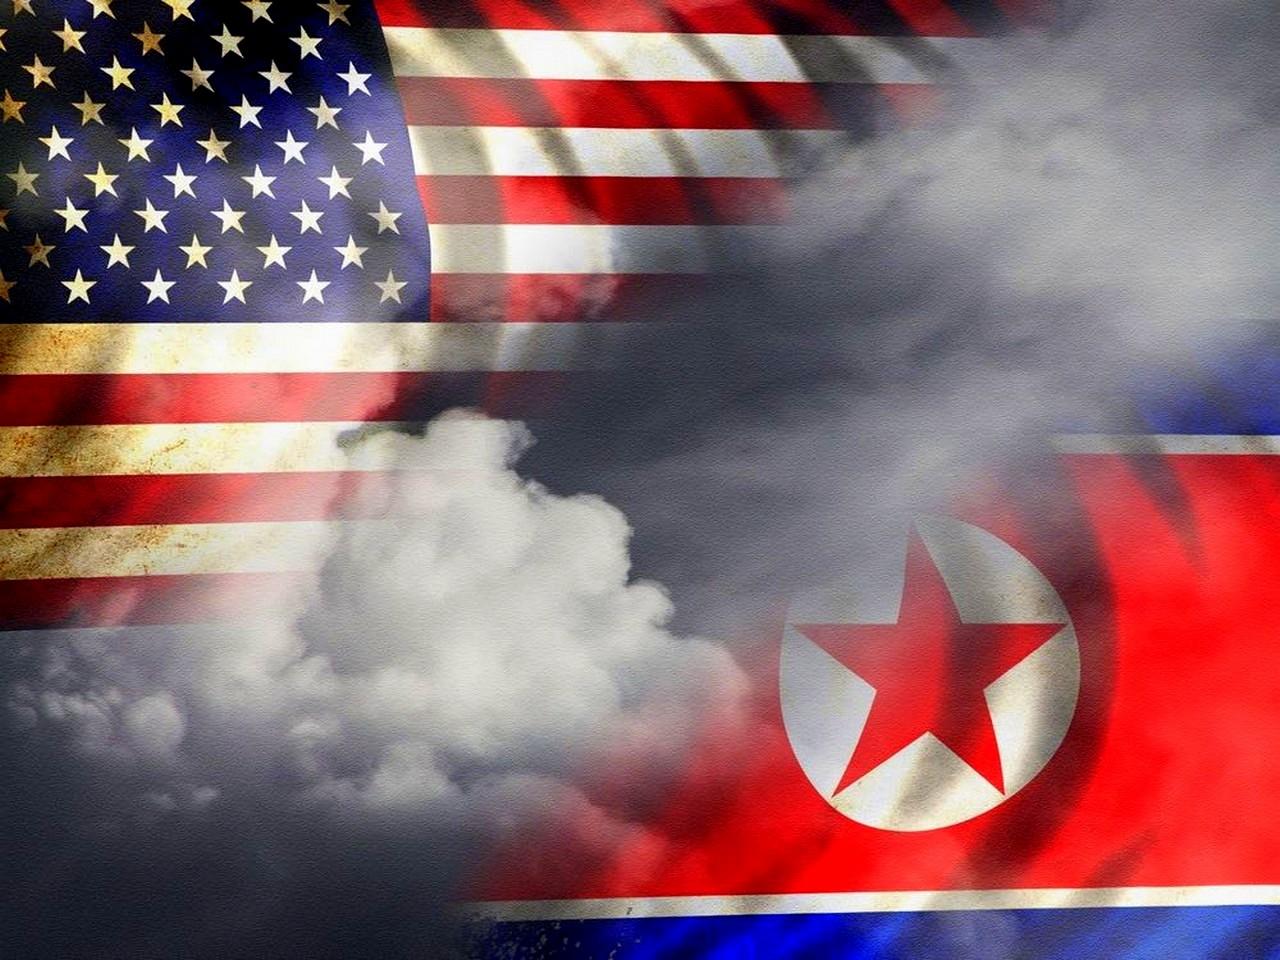 org yjsw999 - США готовы сбивать ракеты КНДР — официальное заявление Пентагона